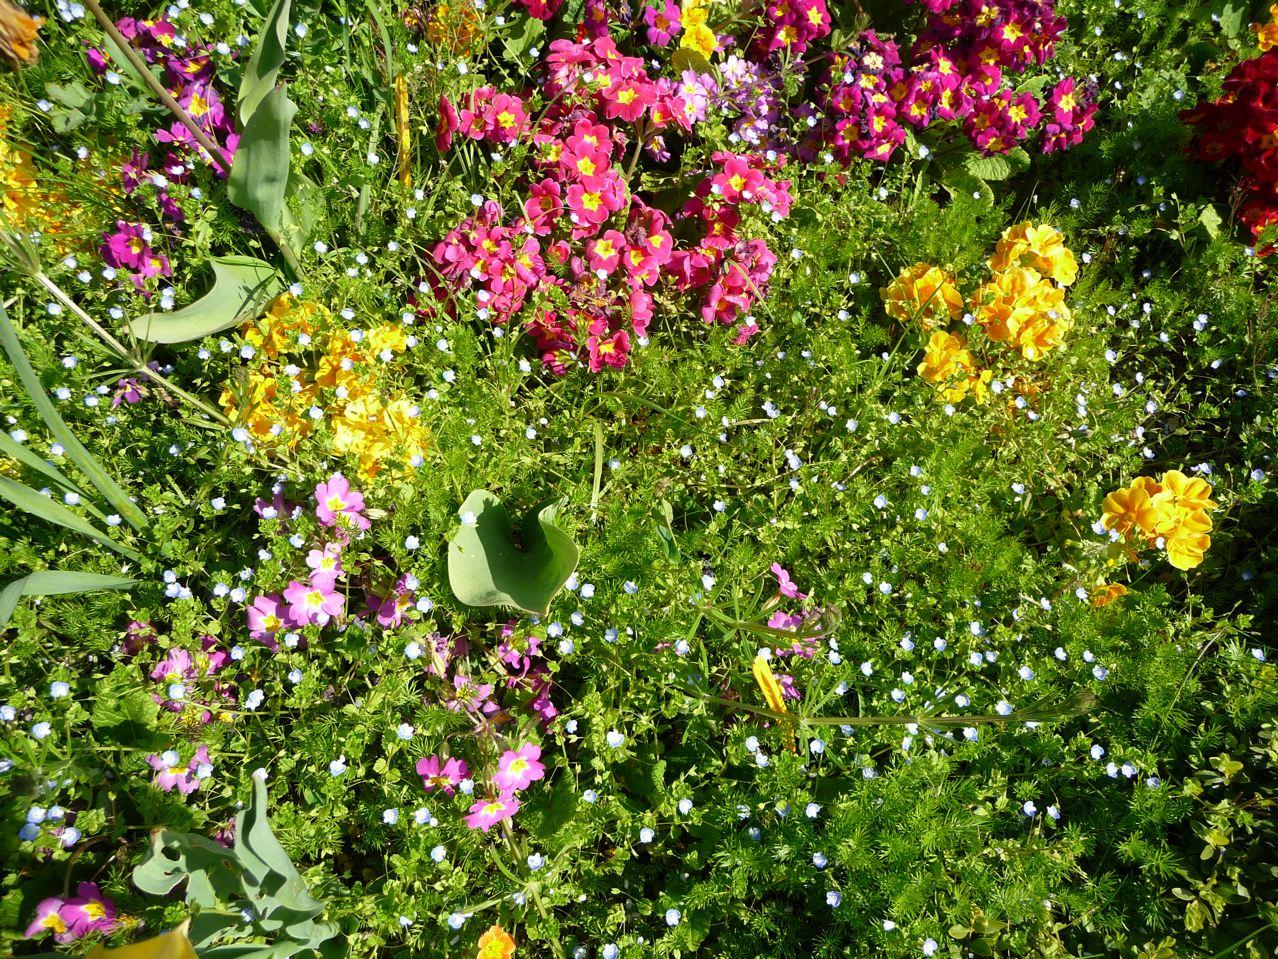 Mauvaises herbes envahissantes dans les plates-bandes printanières